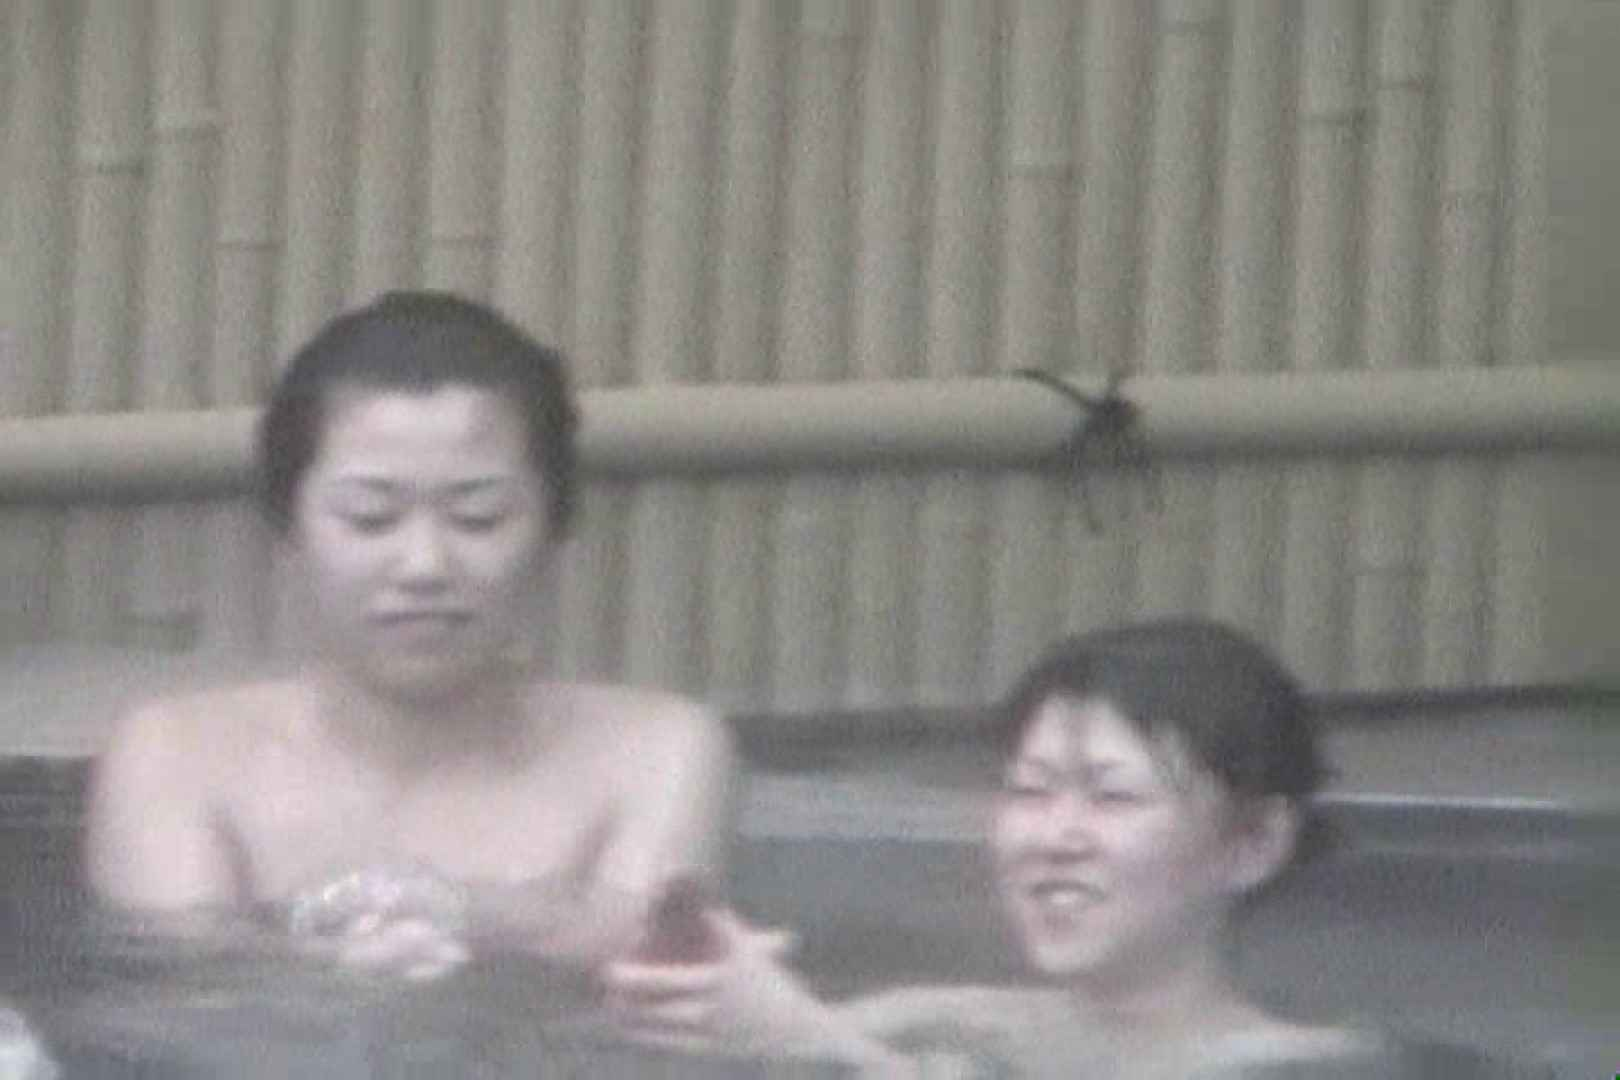 Aquaな露天風呂Vol.555 OLのエロ生活 | 盗撮  46連発 7